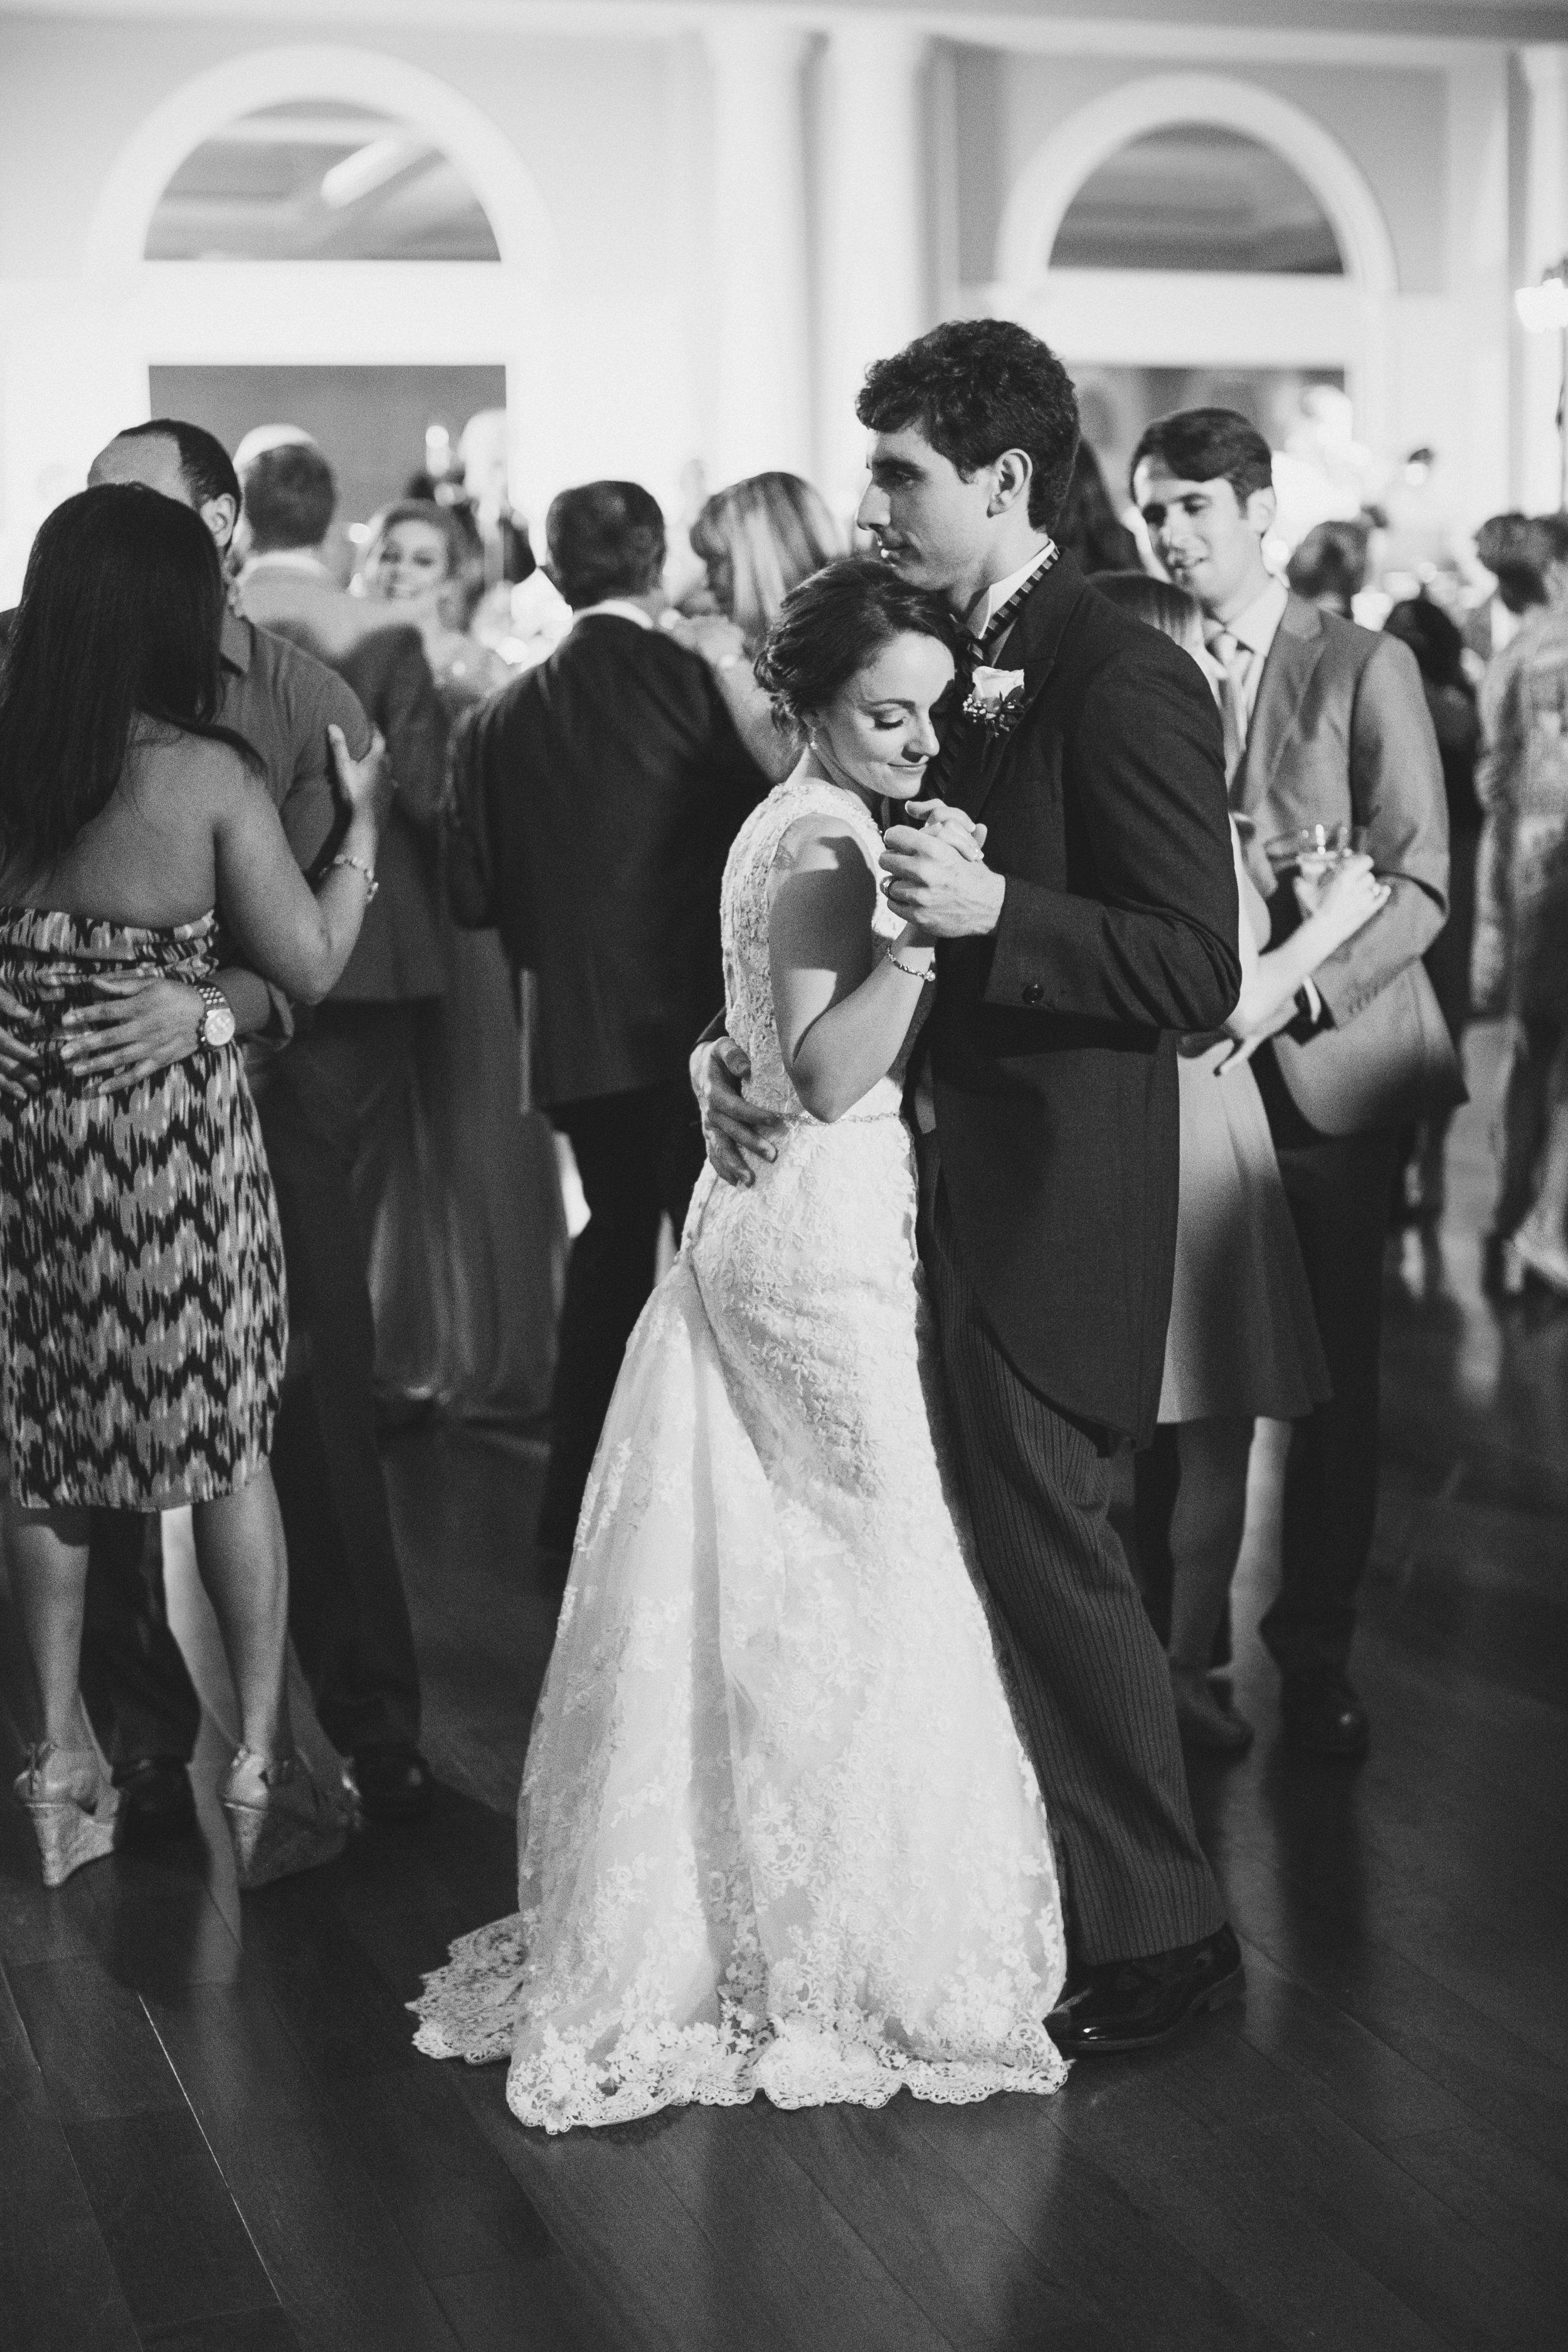 Ducote_Naccari_wedding_0708.jpg